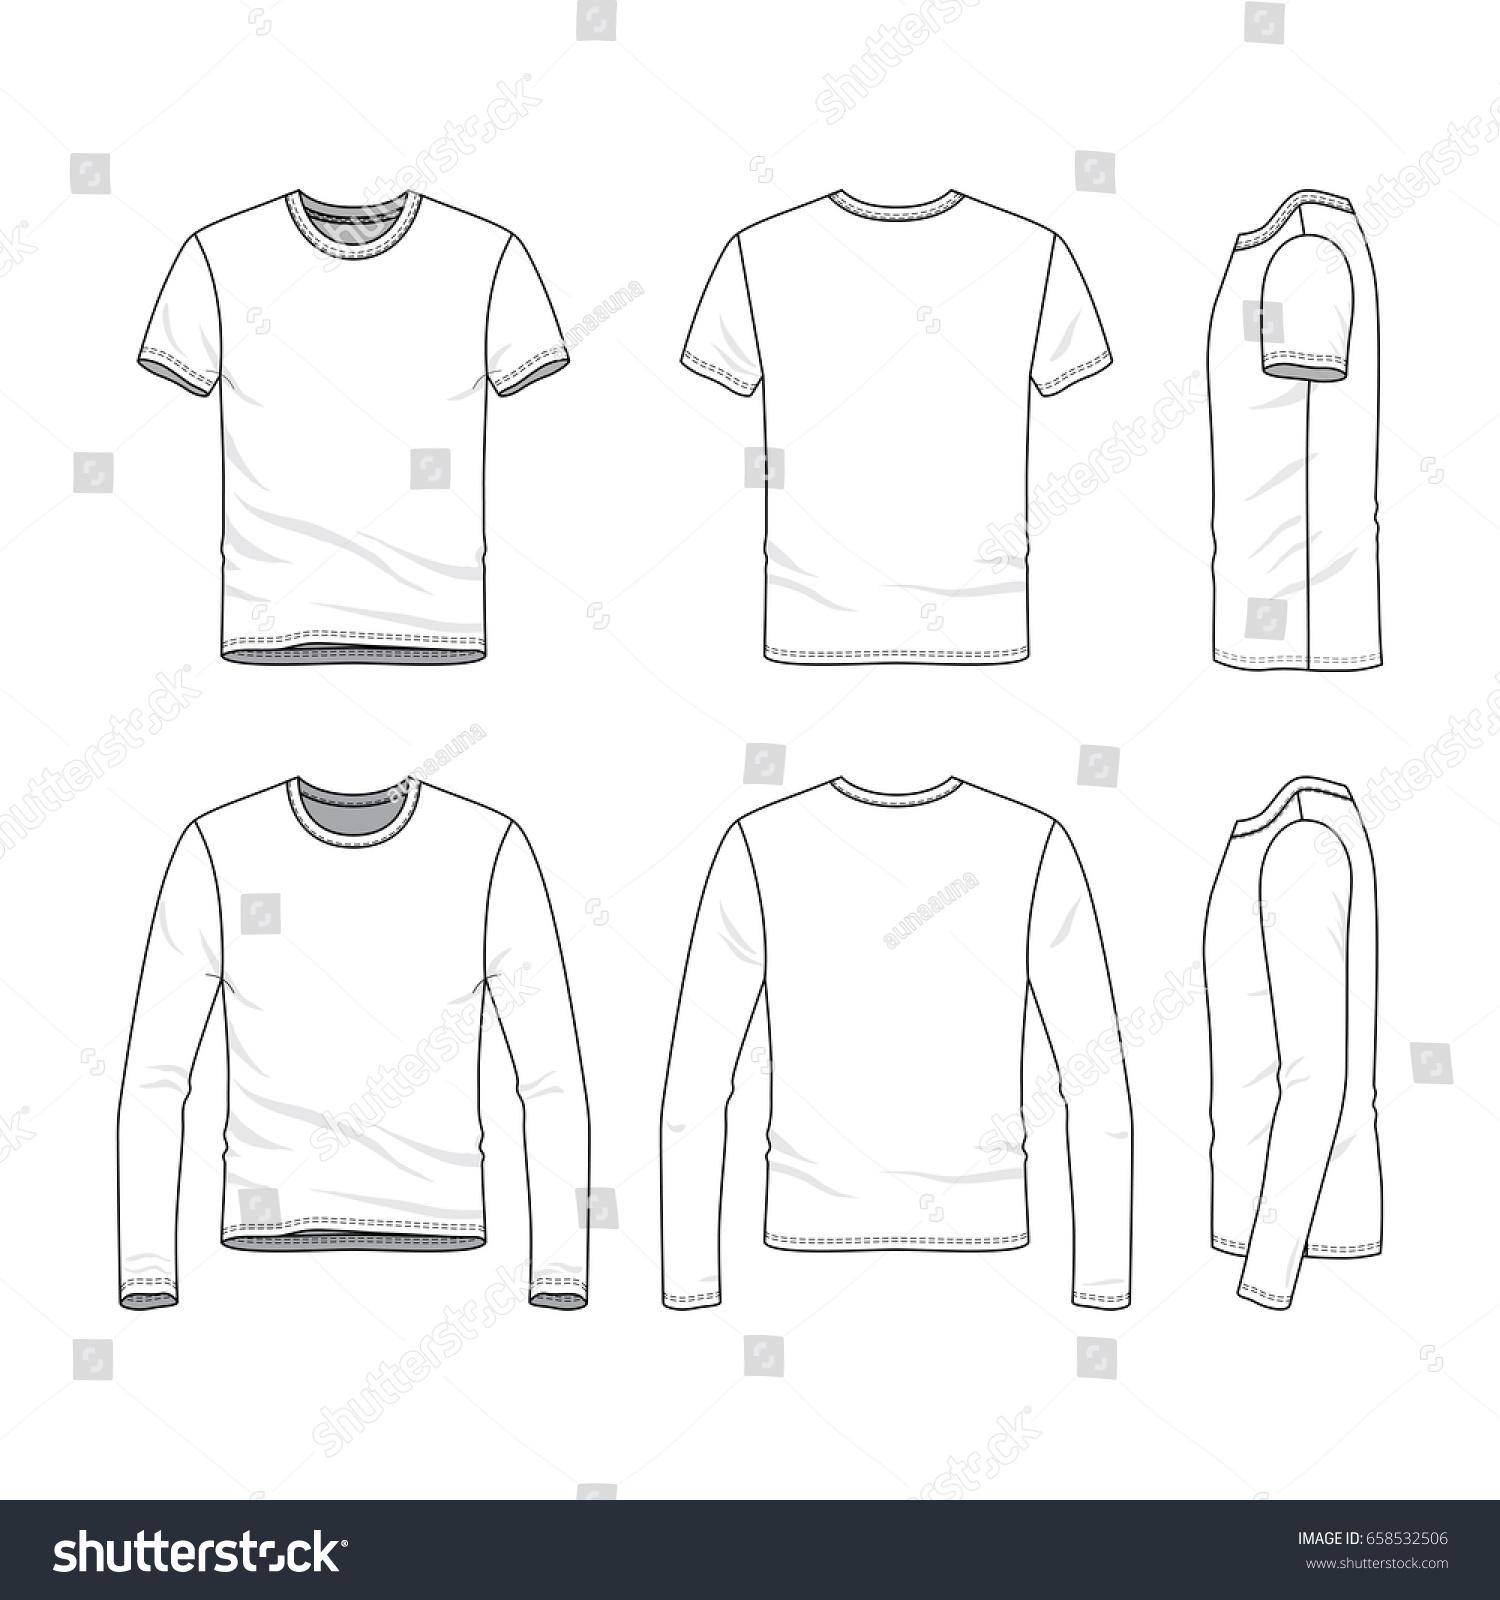 vector clothing templates blank shirts short stock vector royalty